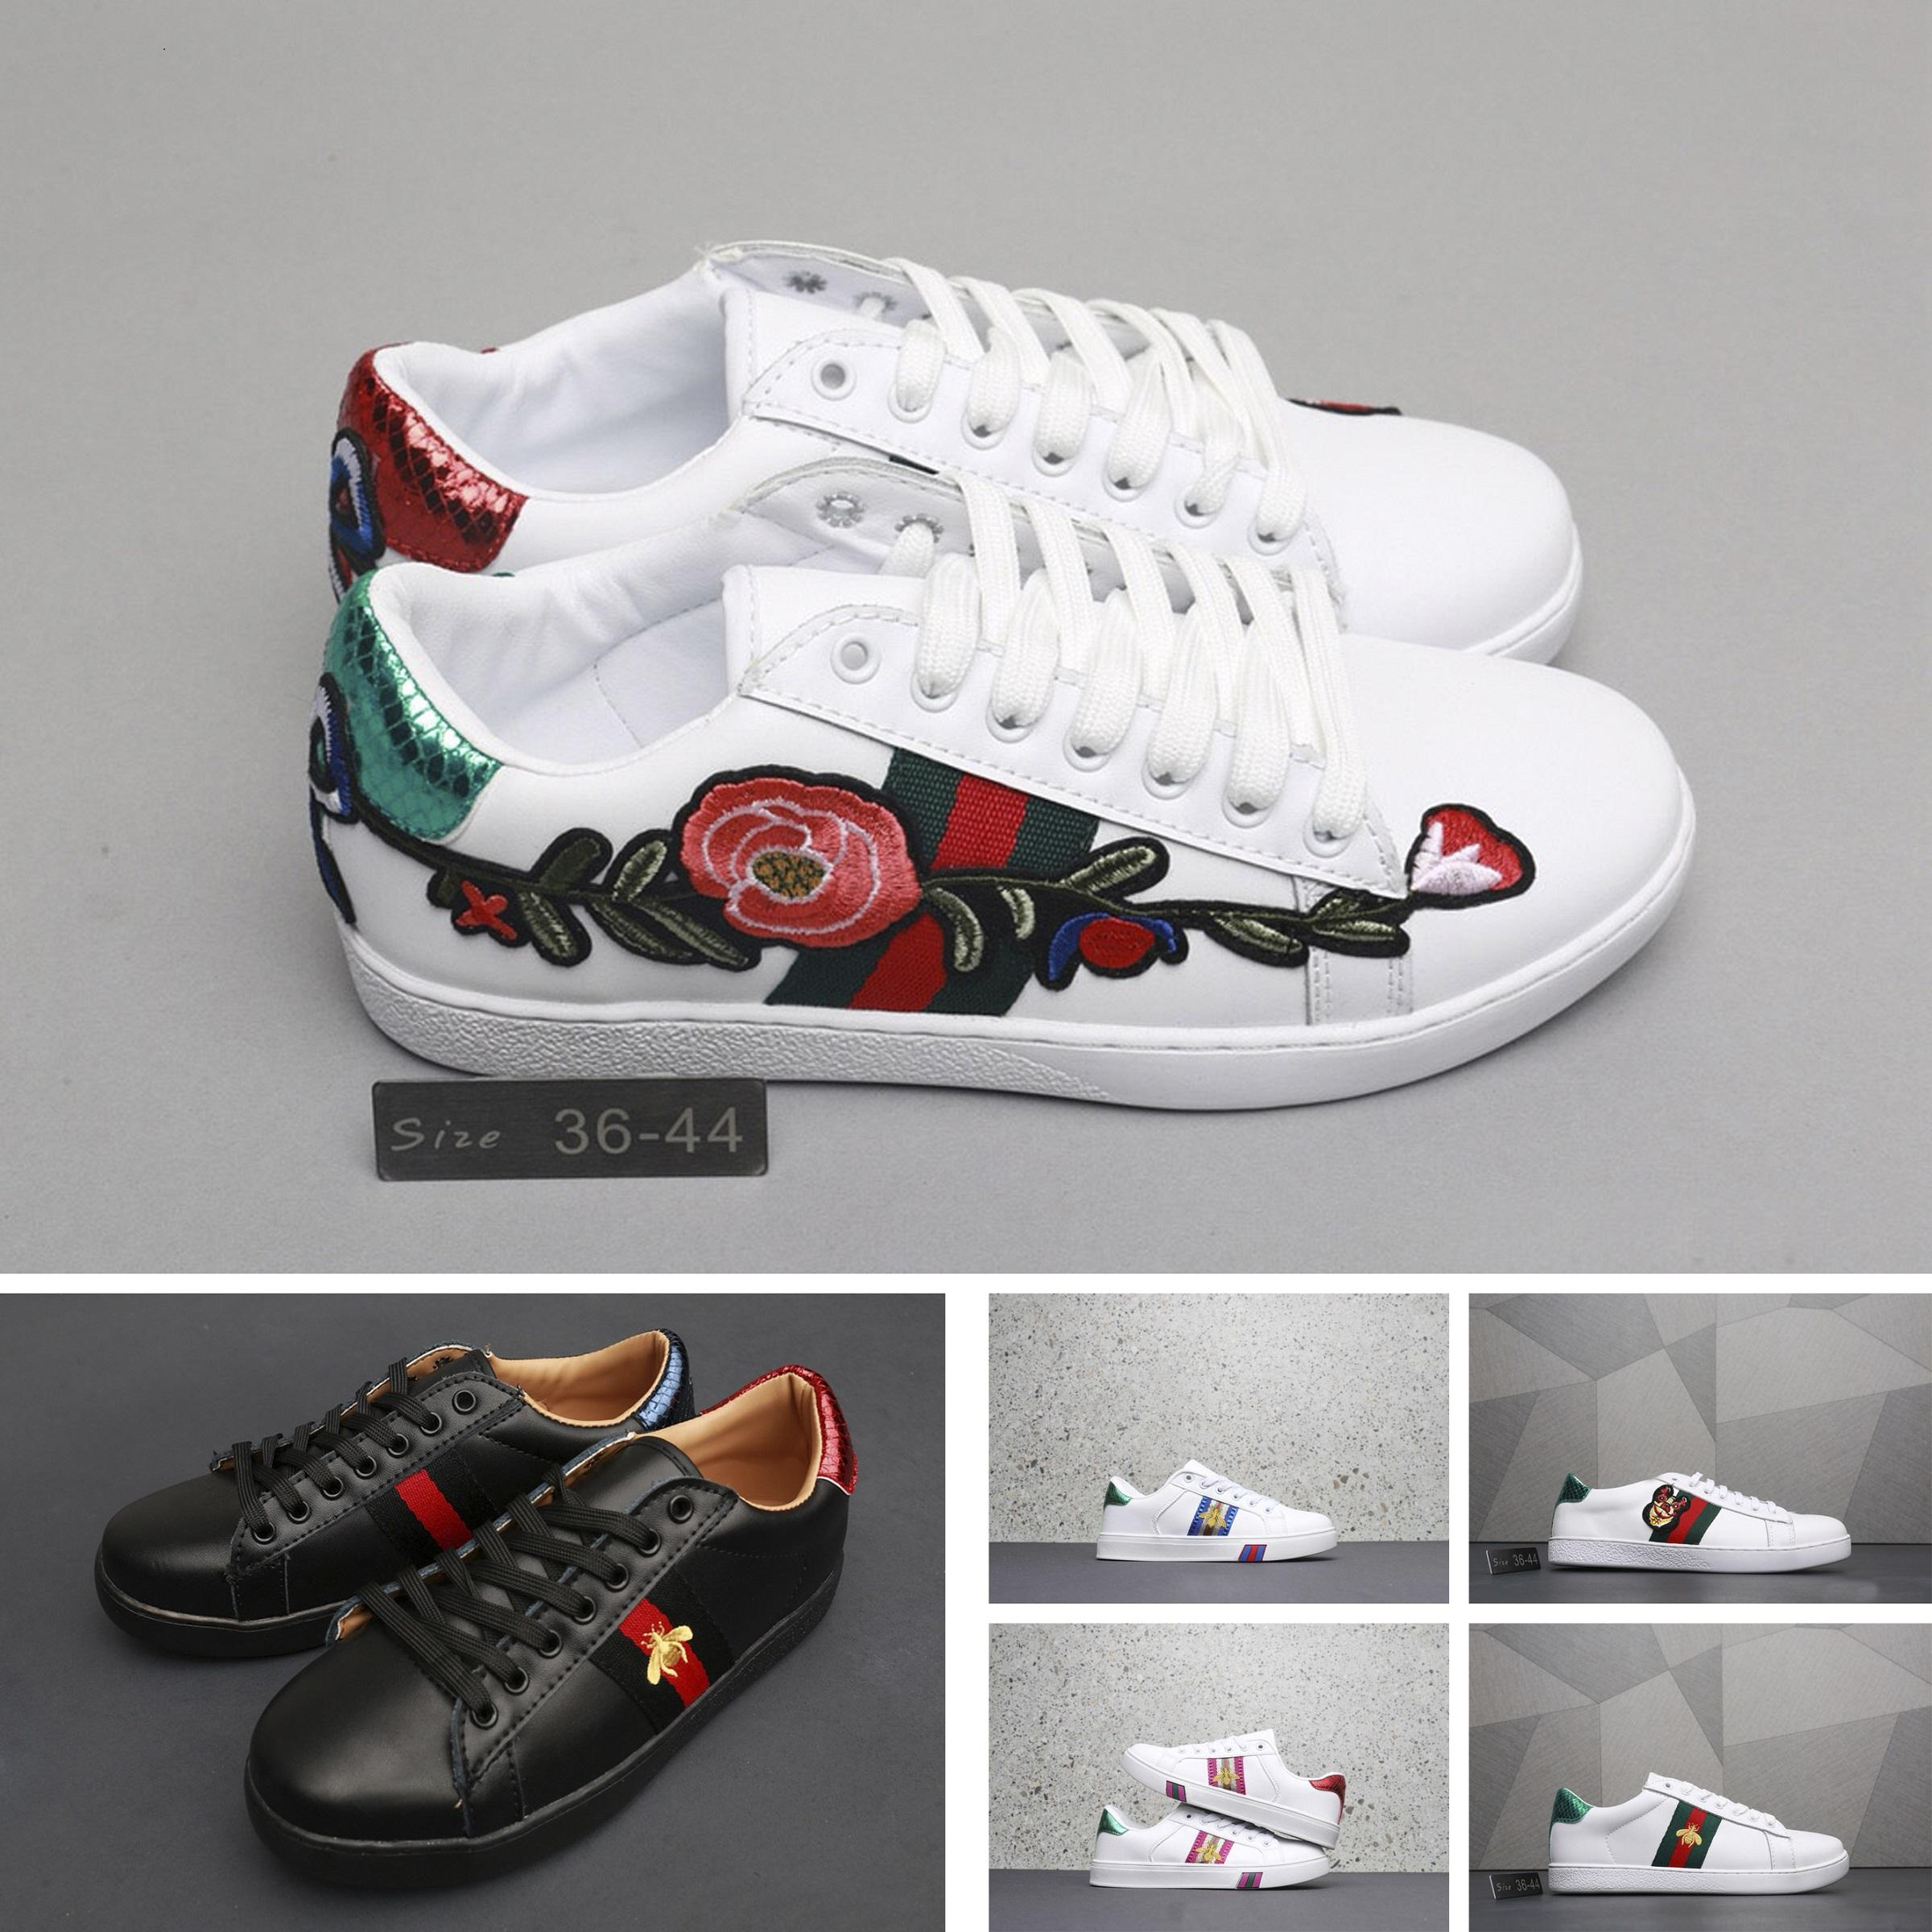 57d28e324 Compre Mens Gucci Gucci Women Shoes Best Selling Mens Tênis, Letras  Bordadas, Cosmos, Abelha, Cabeça De Lobo, Sapatos Masculinos Sapatos De  Grife Das ...